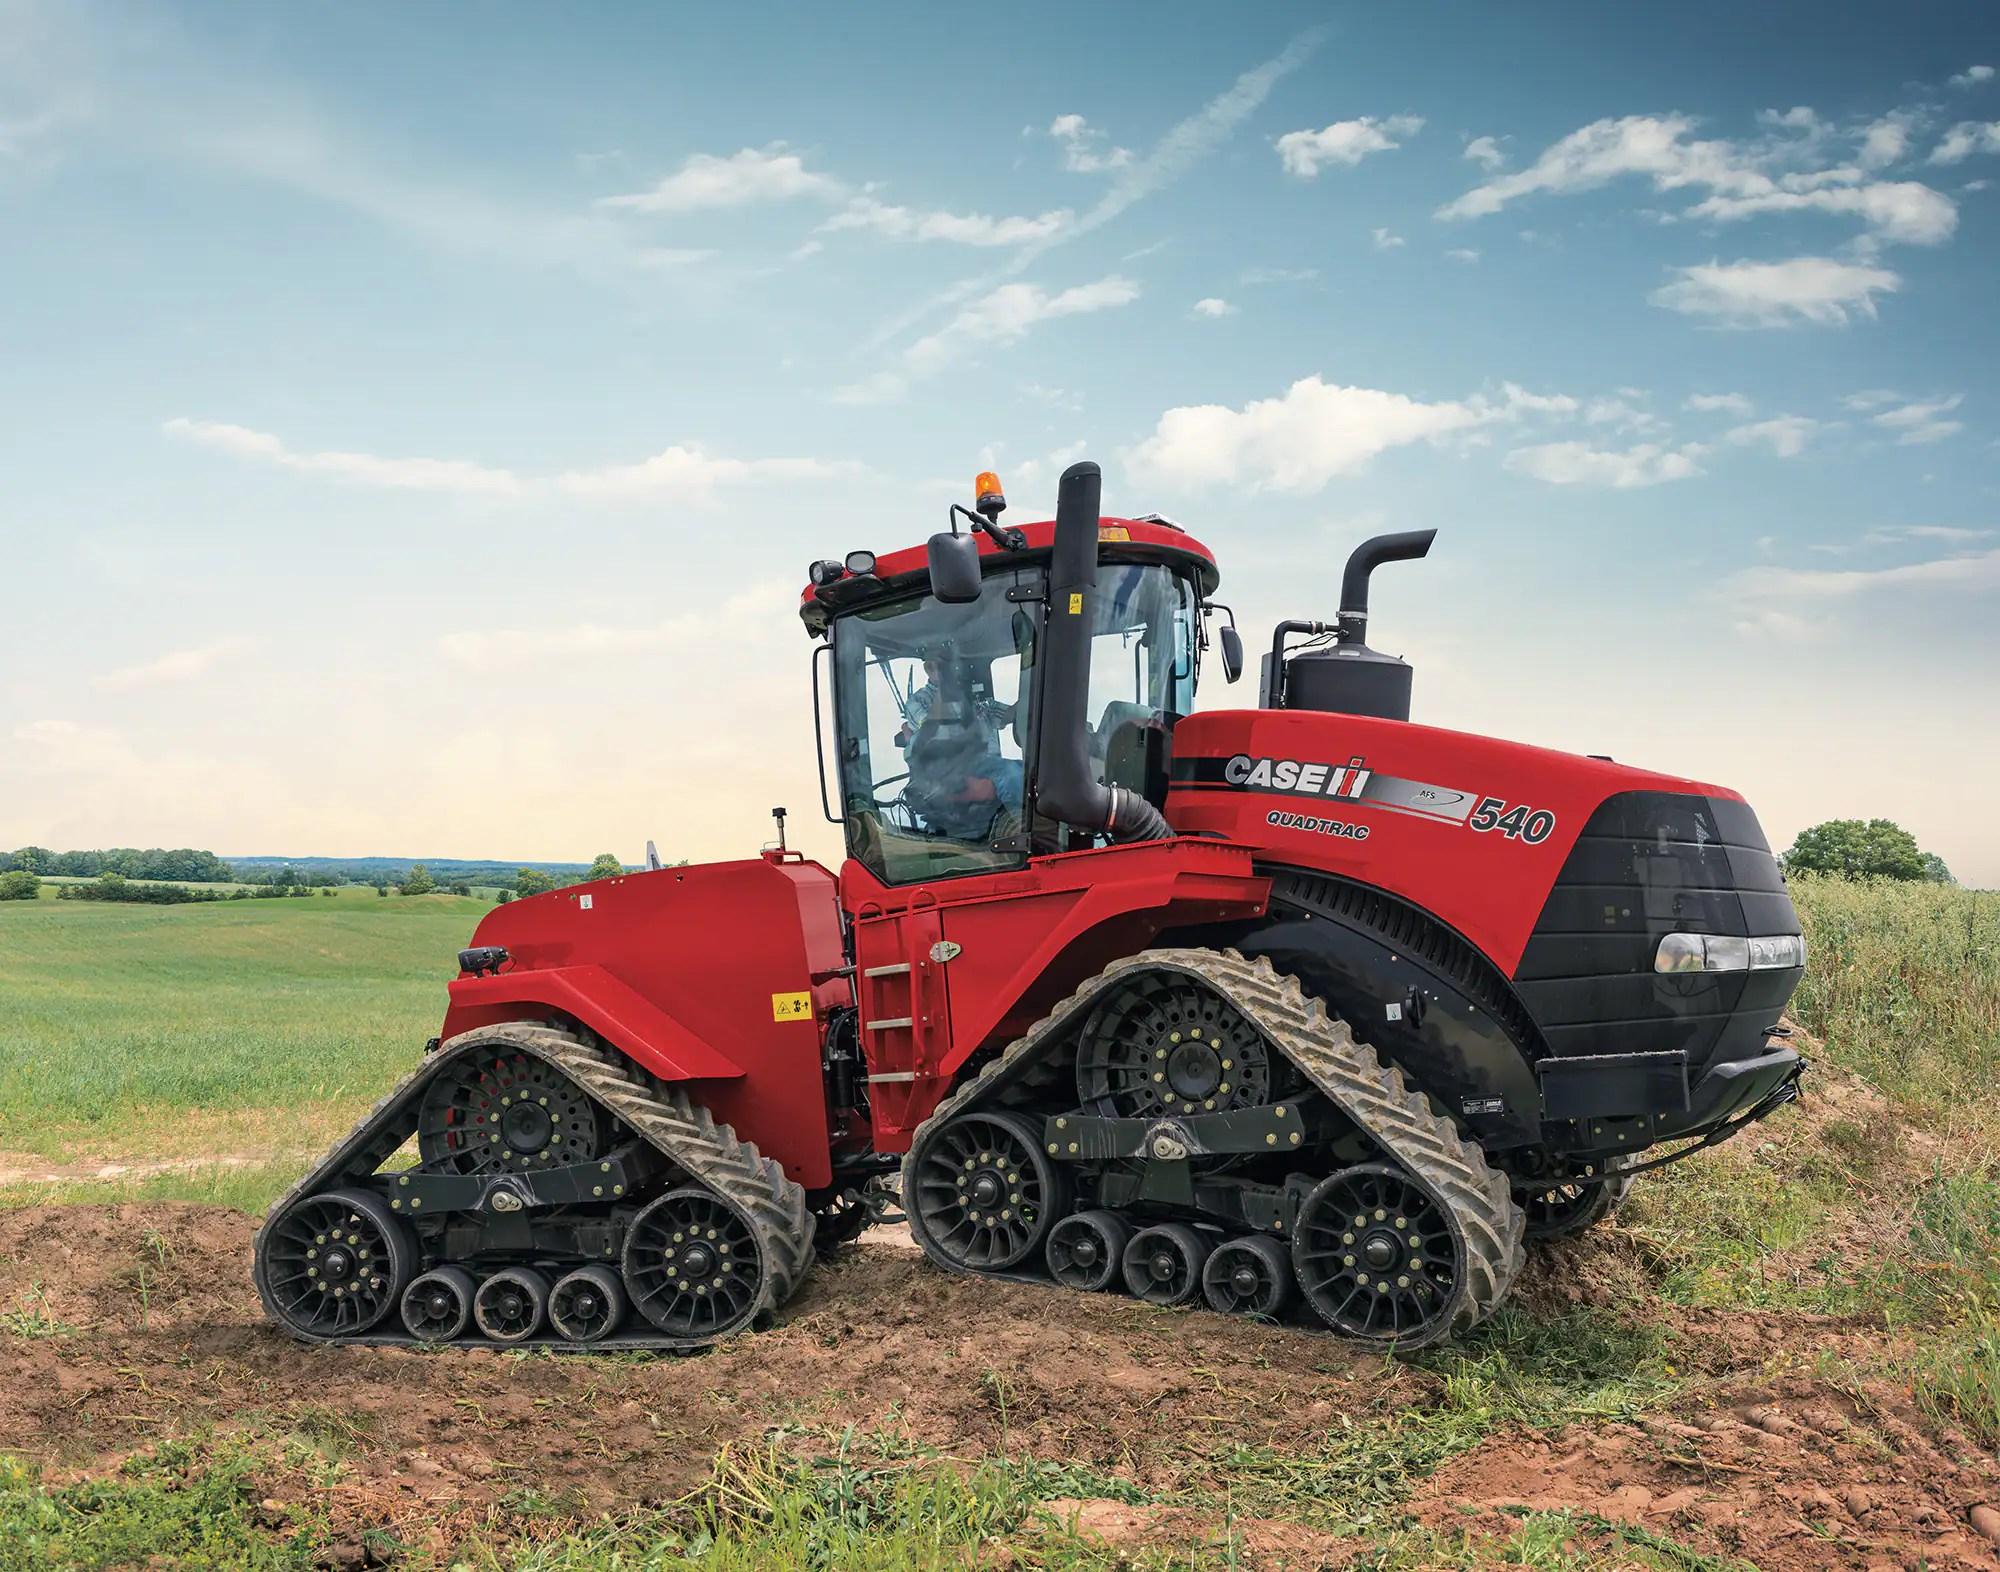 medium resolution of steiger tractor wiring diagram white tractor wiring diagrams case ih stx 375 quadtrac wiring diagram 39